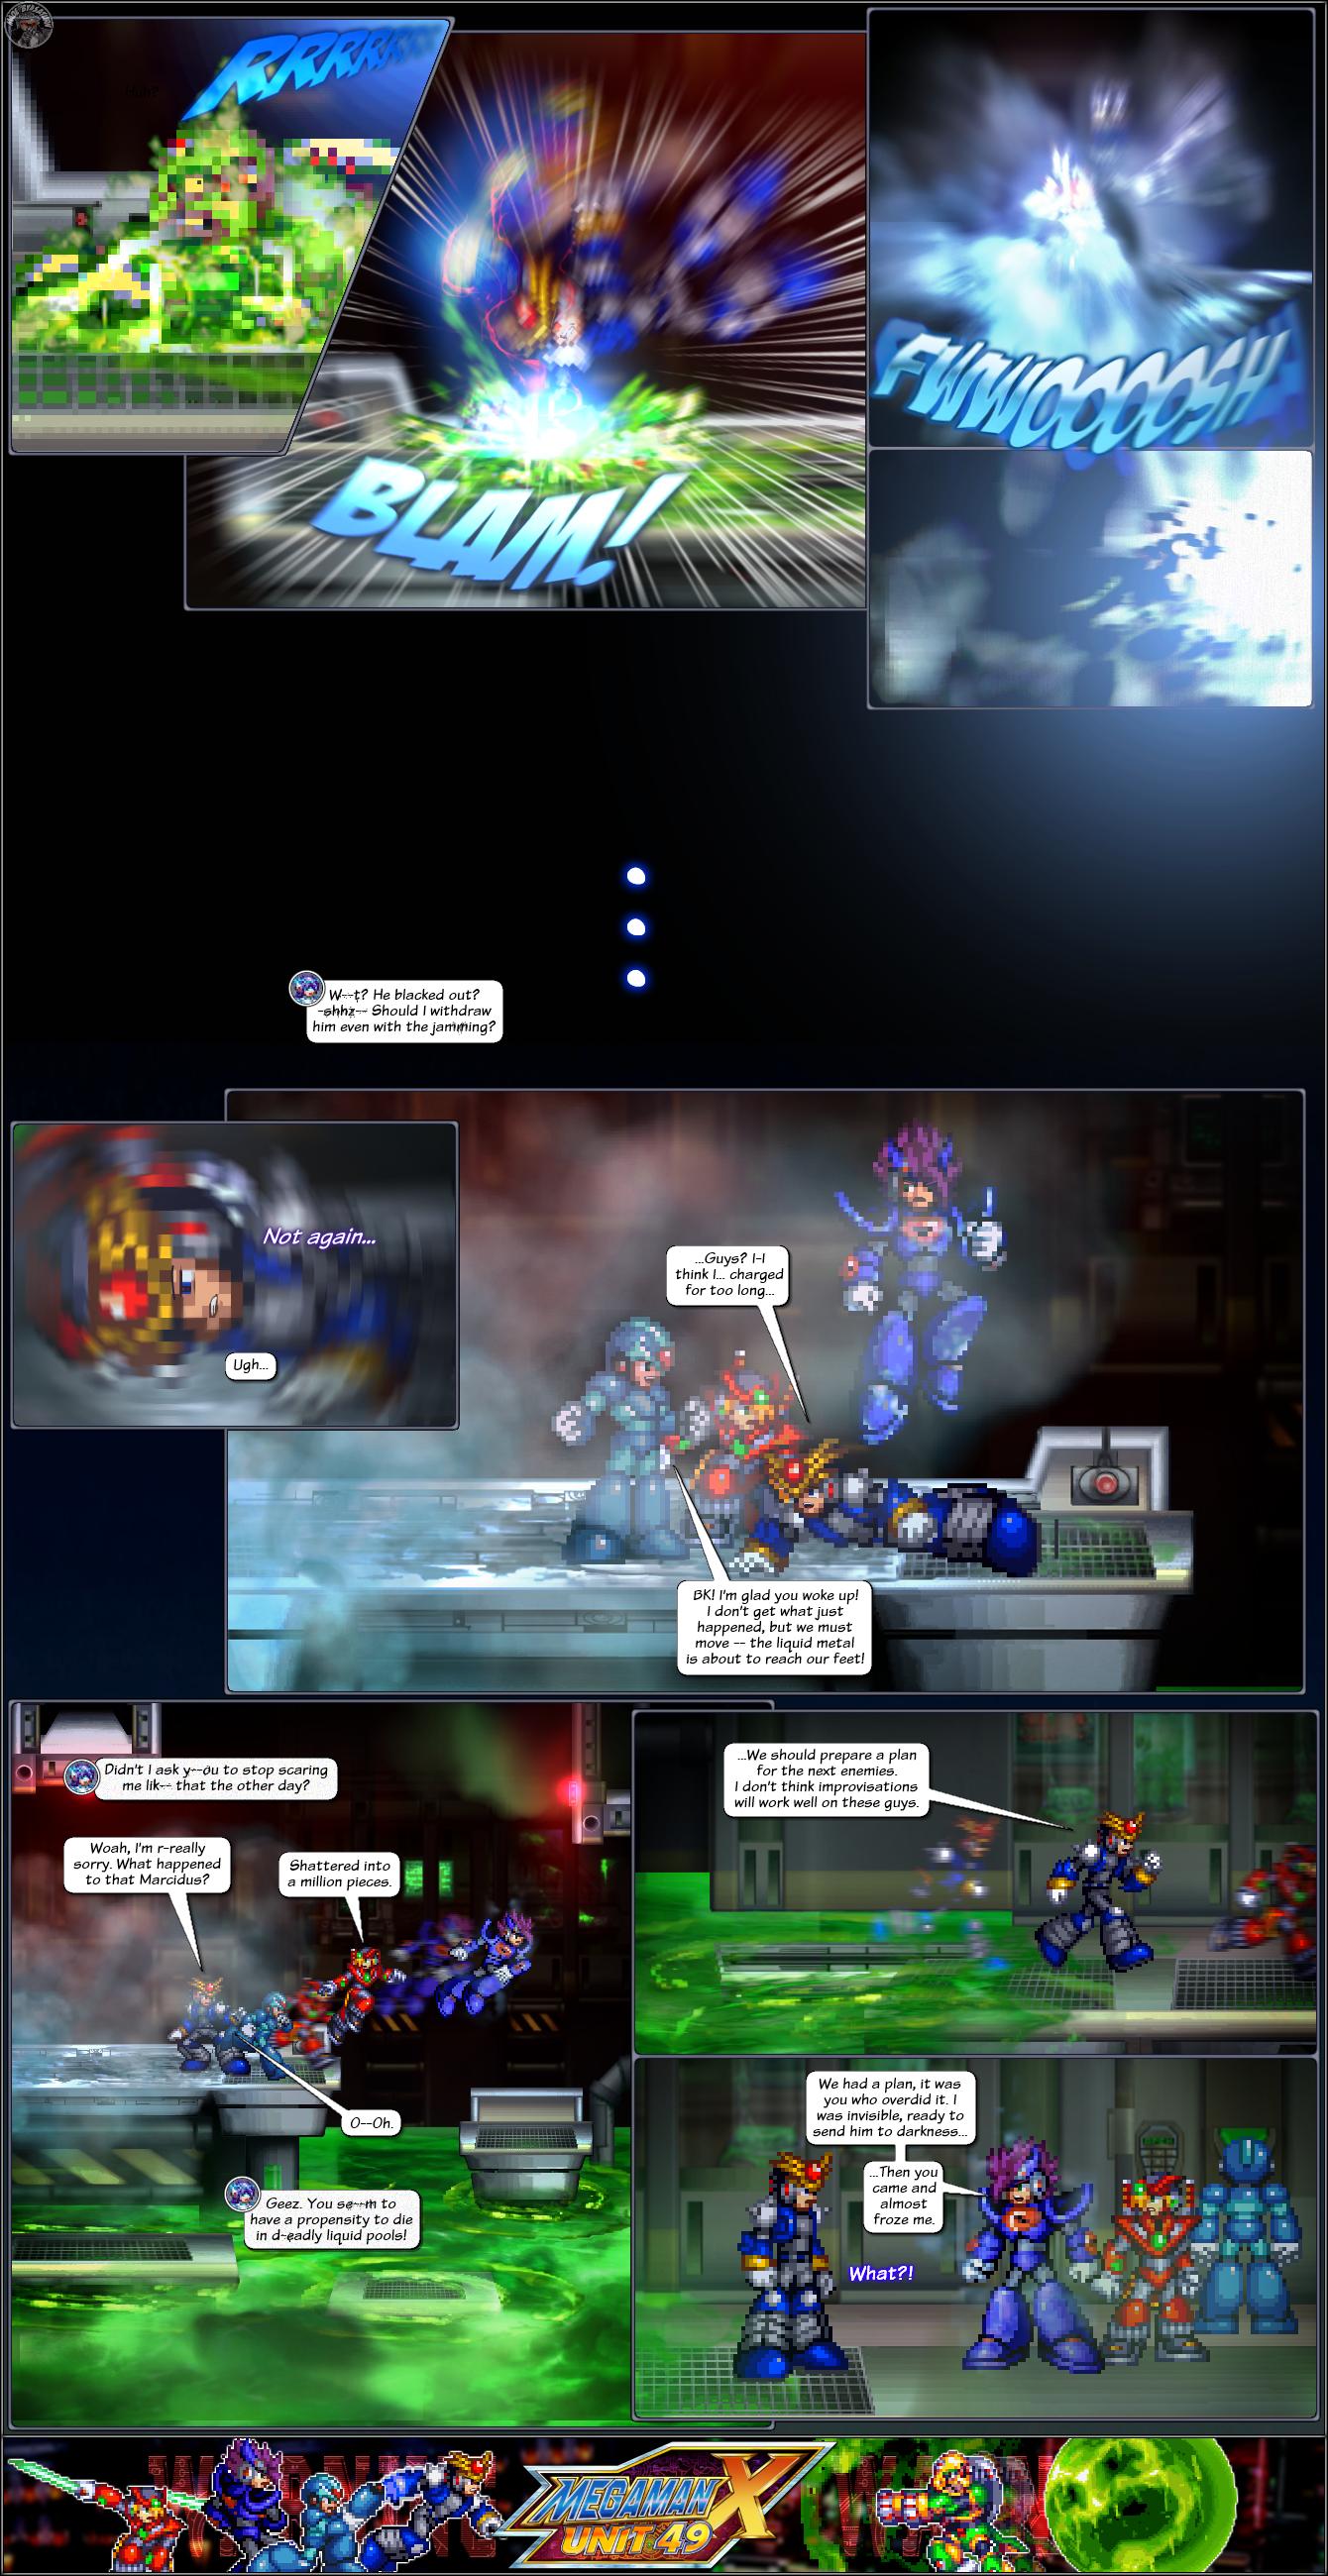 MMXU49 S2C15: Disturbances (Pg 27) by IrregularSaturn